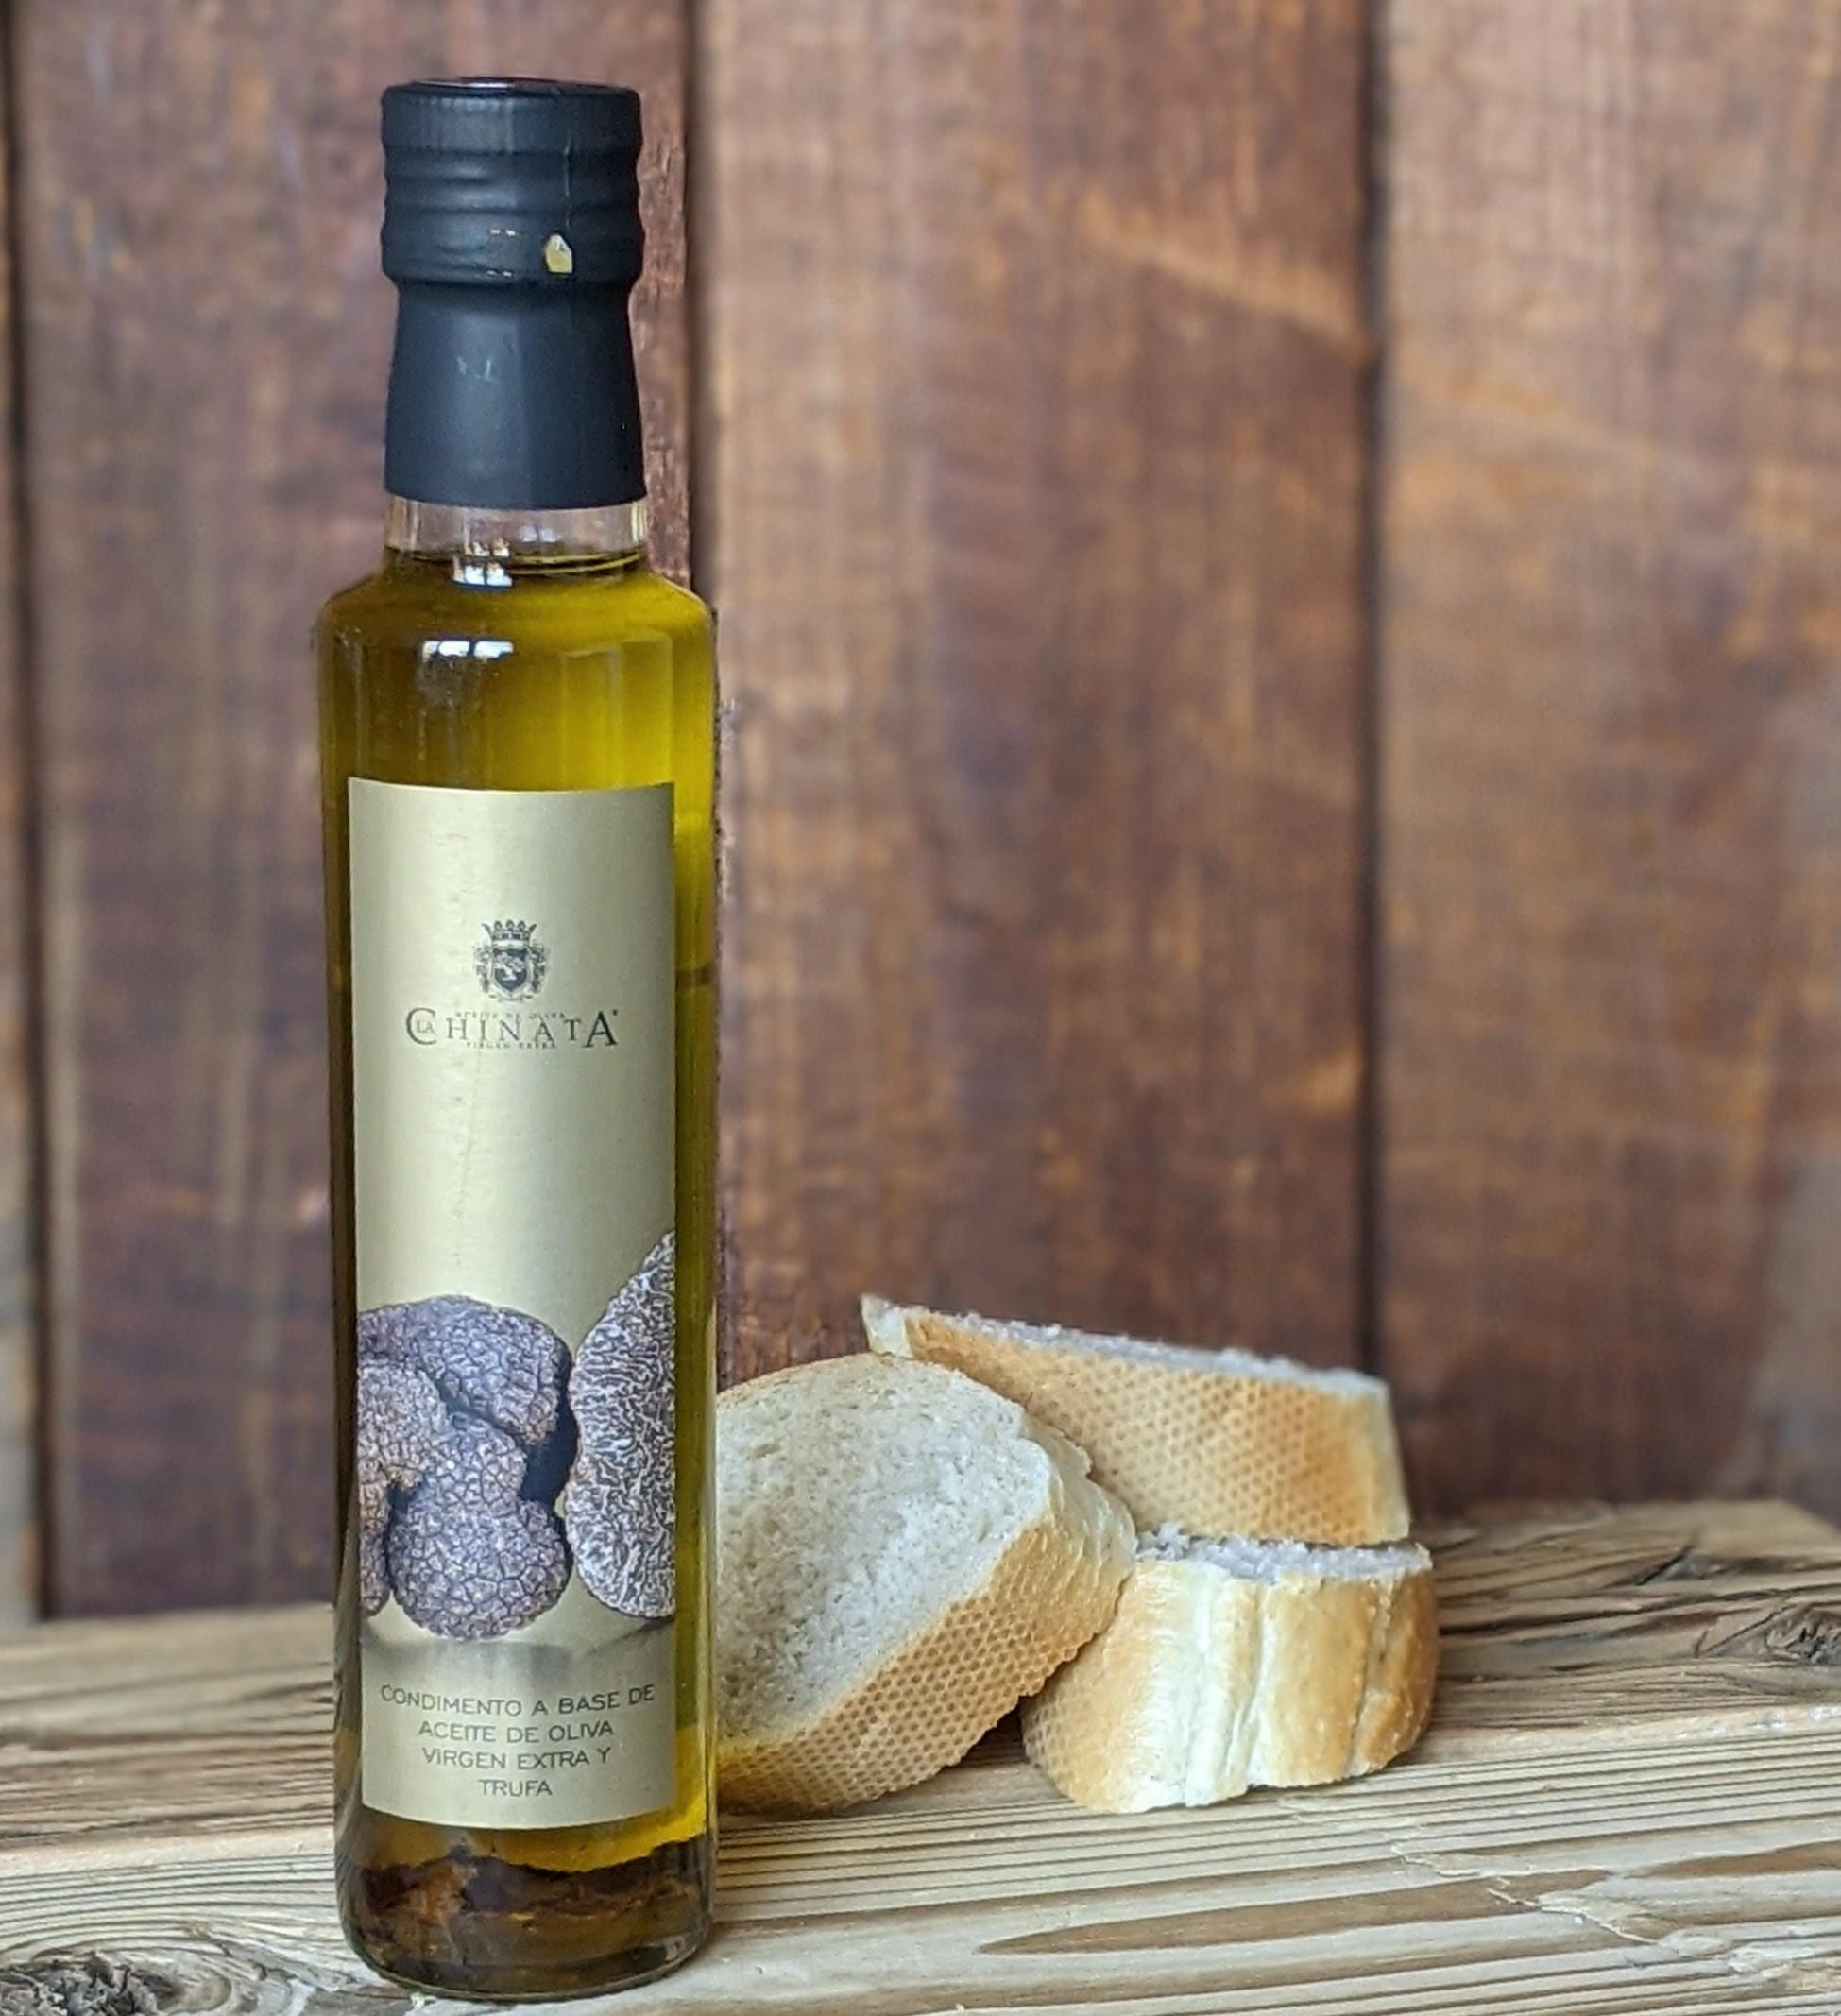 La Chinata Natives Olivenöl extra - mit Trüffel -  250ml